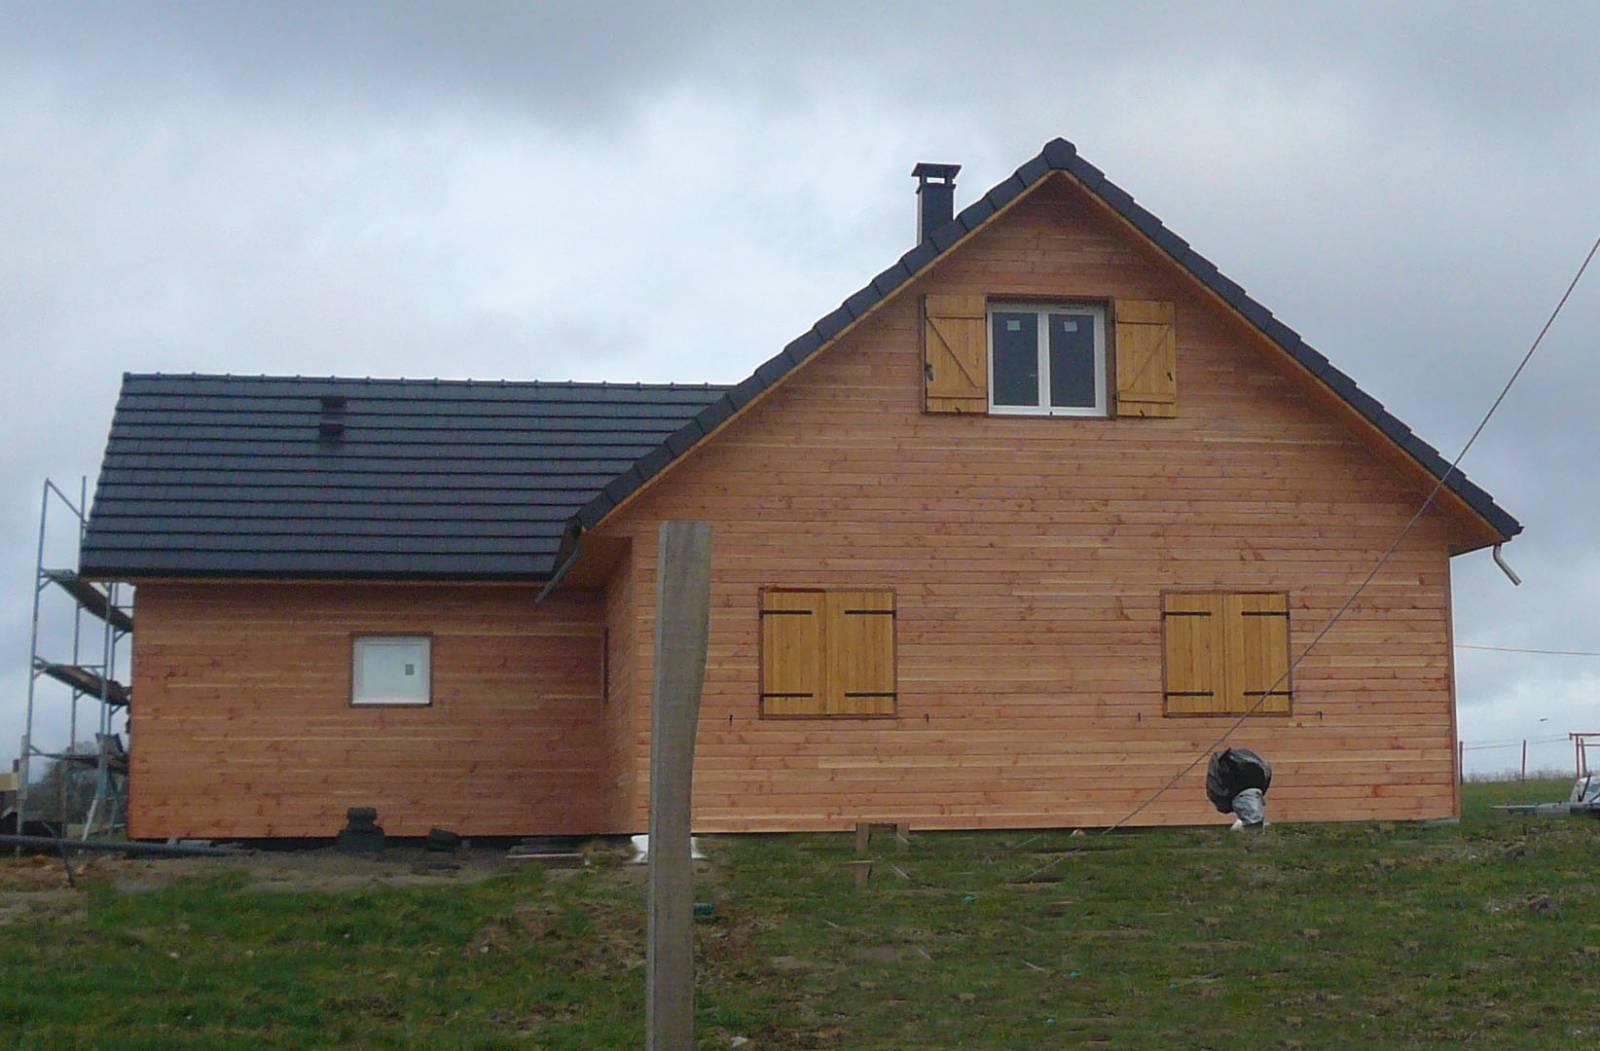 maison ossature bois r f 23 pr s de vic en bigorre dans les hautes pyr n es 65 cogebois. Black Bedroom Furniture Sets. Home Design Ideas